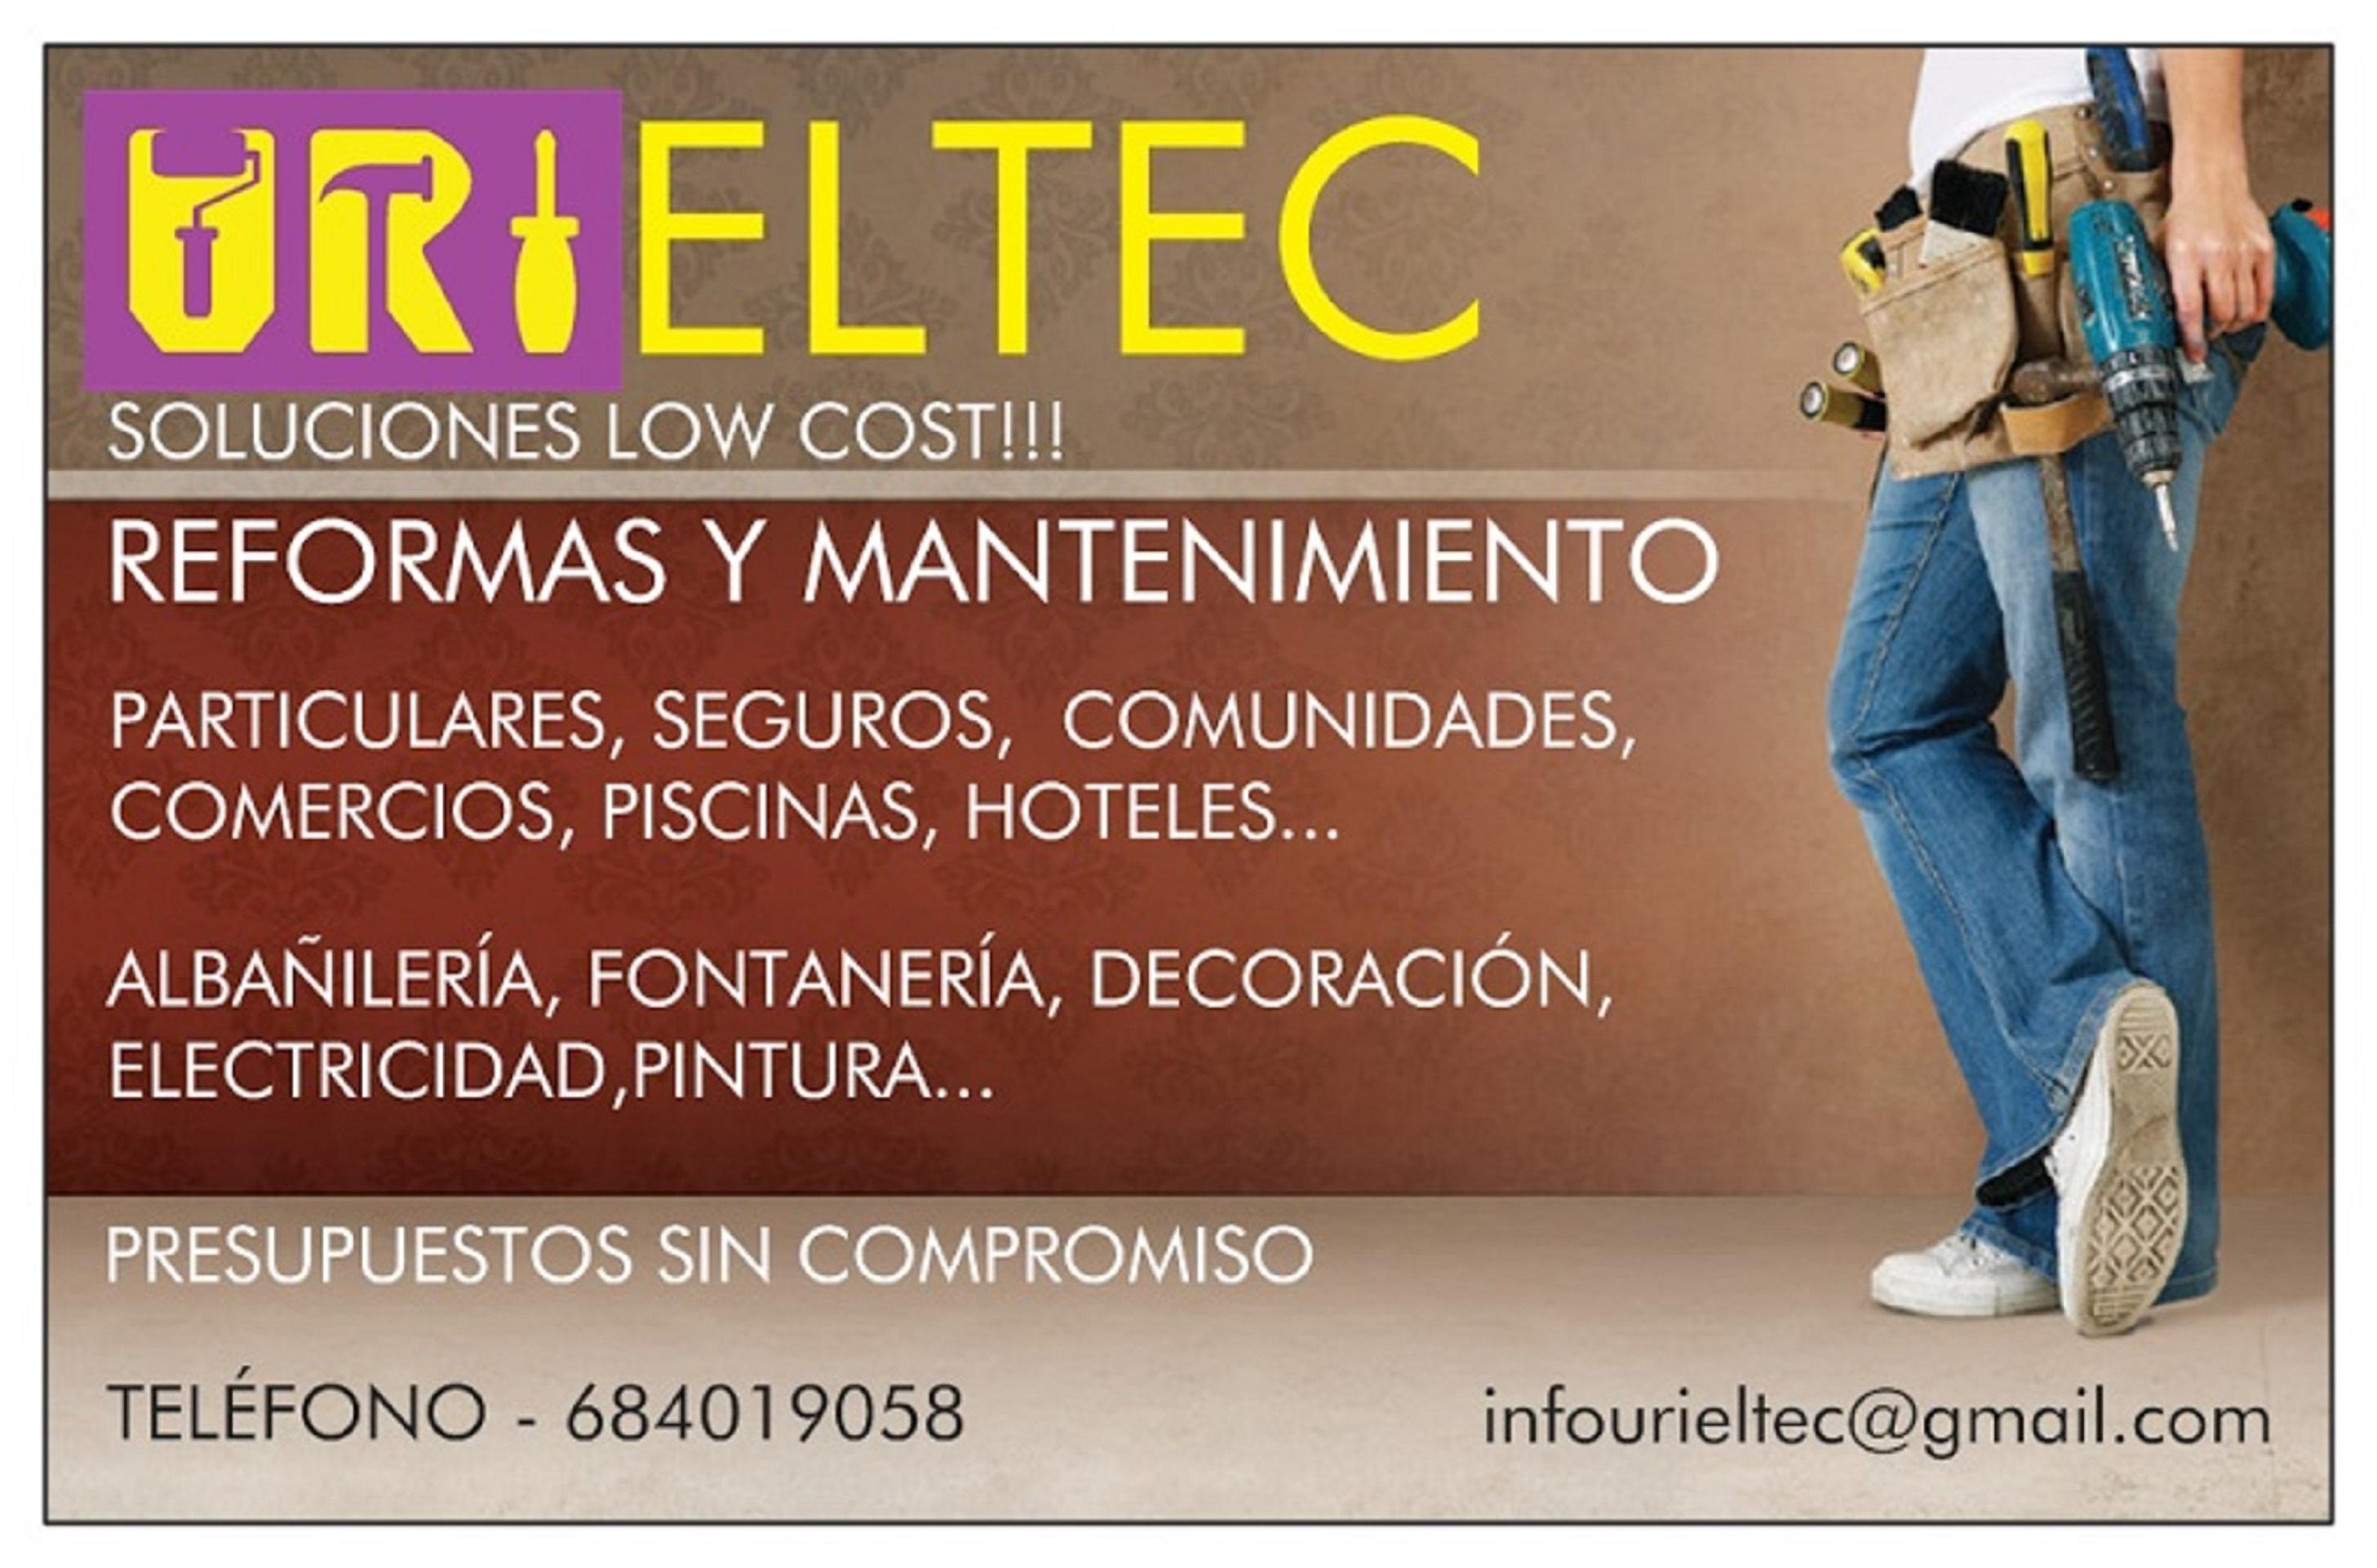 Urieltec